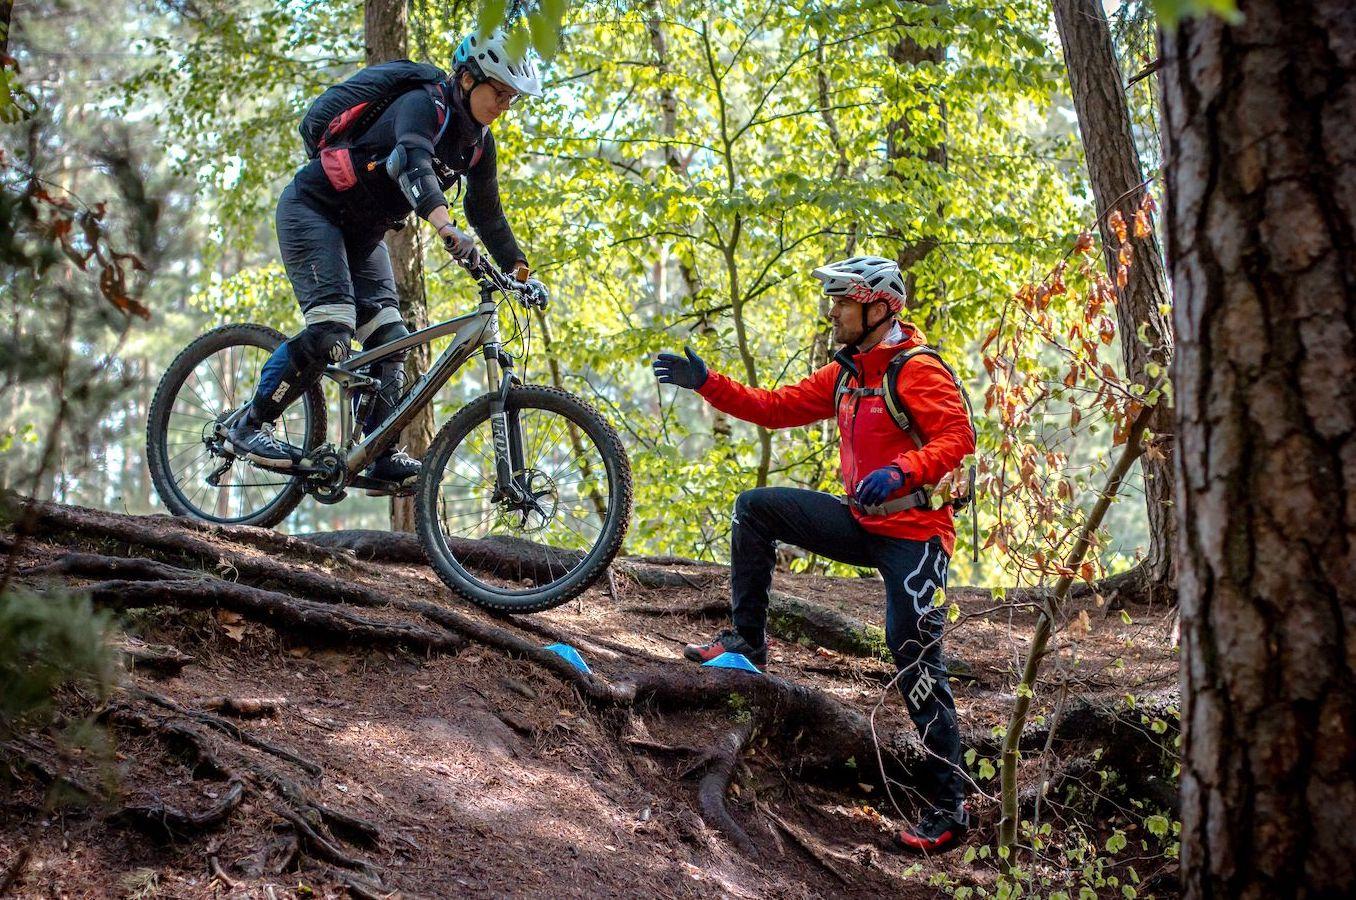 MTB Fahrtechnik Kurs Fortgeschrittene in Berlin - Hauptstadt - Mountainbike Fortgeschritten - Rock my Trail Bikeschule GmbH - 16